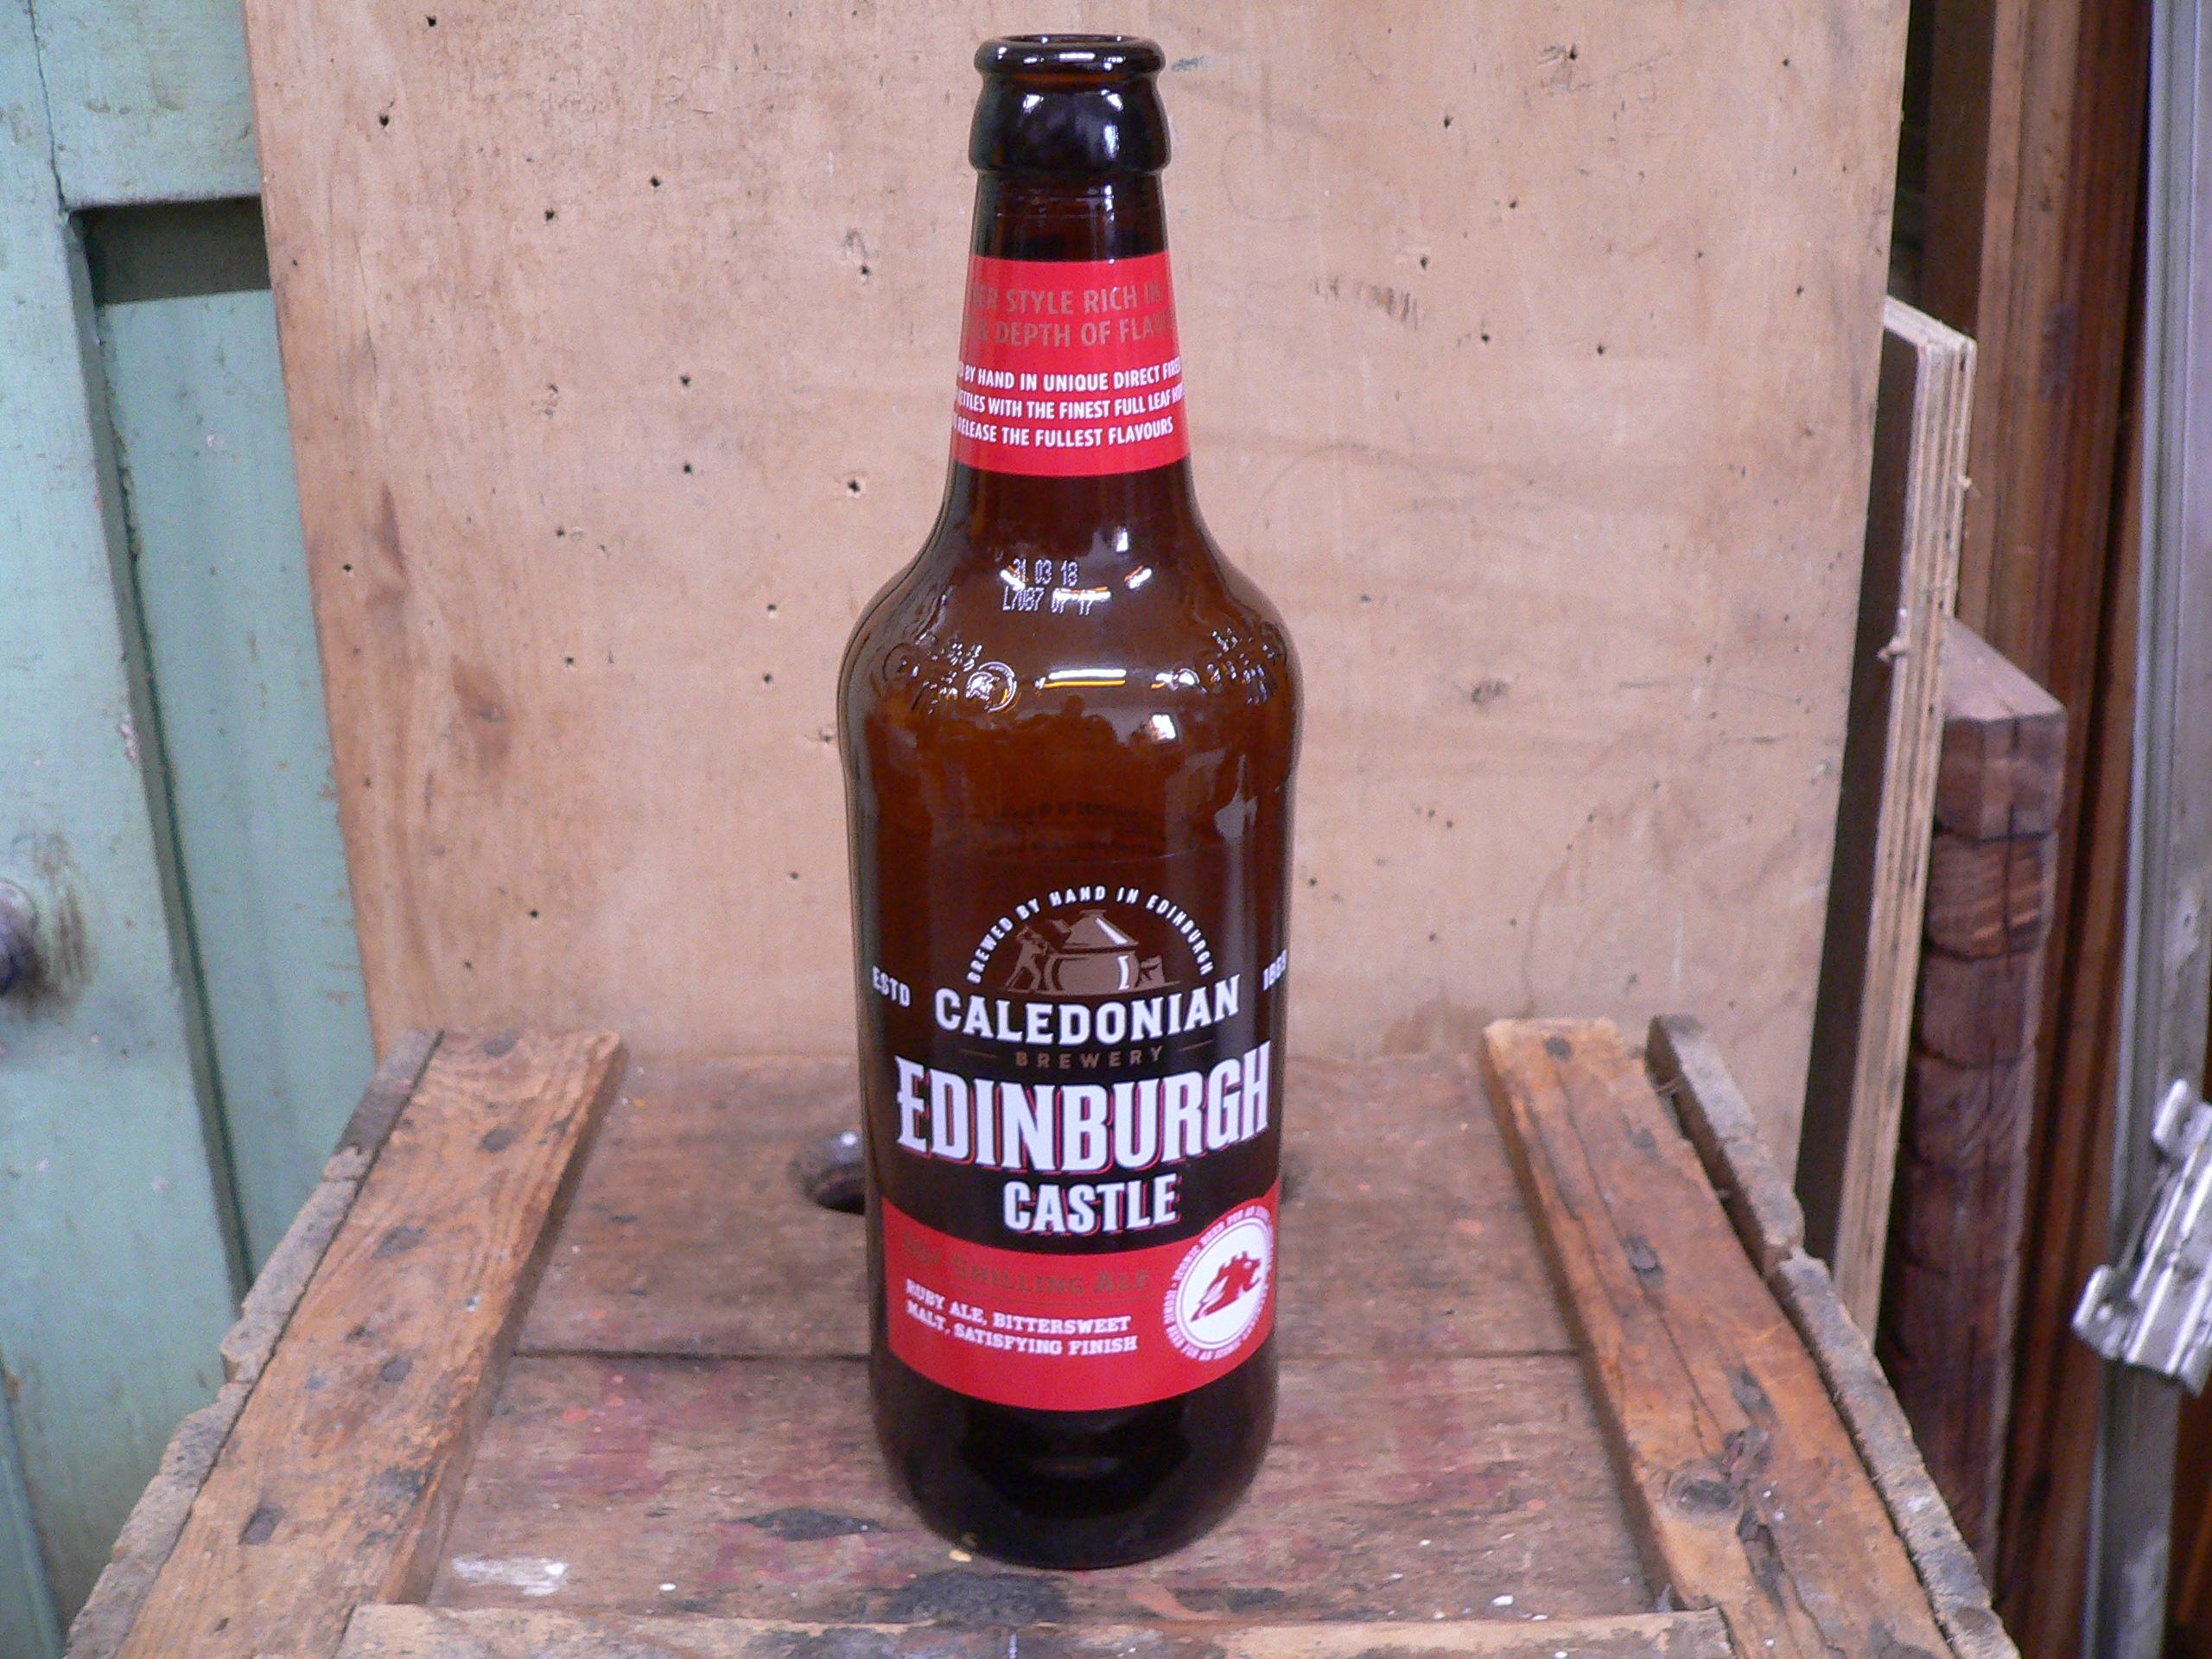 Bouteille bière edinburgh castle # 5760.5